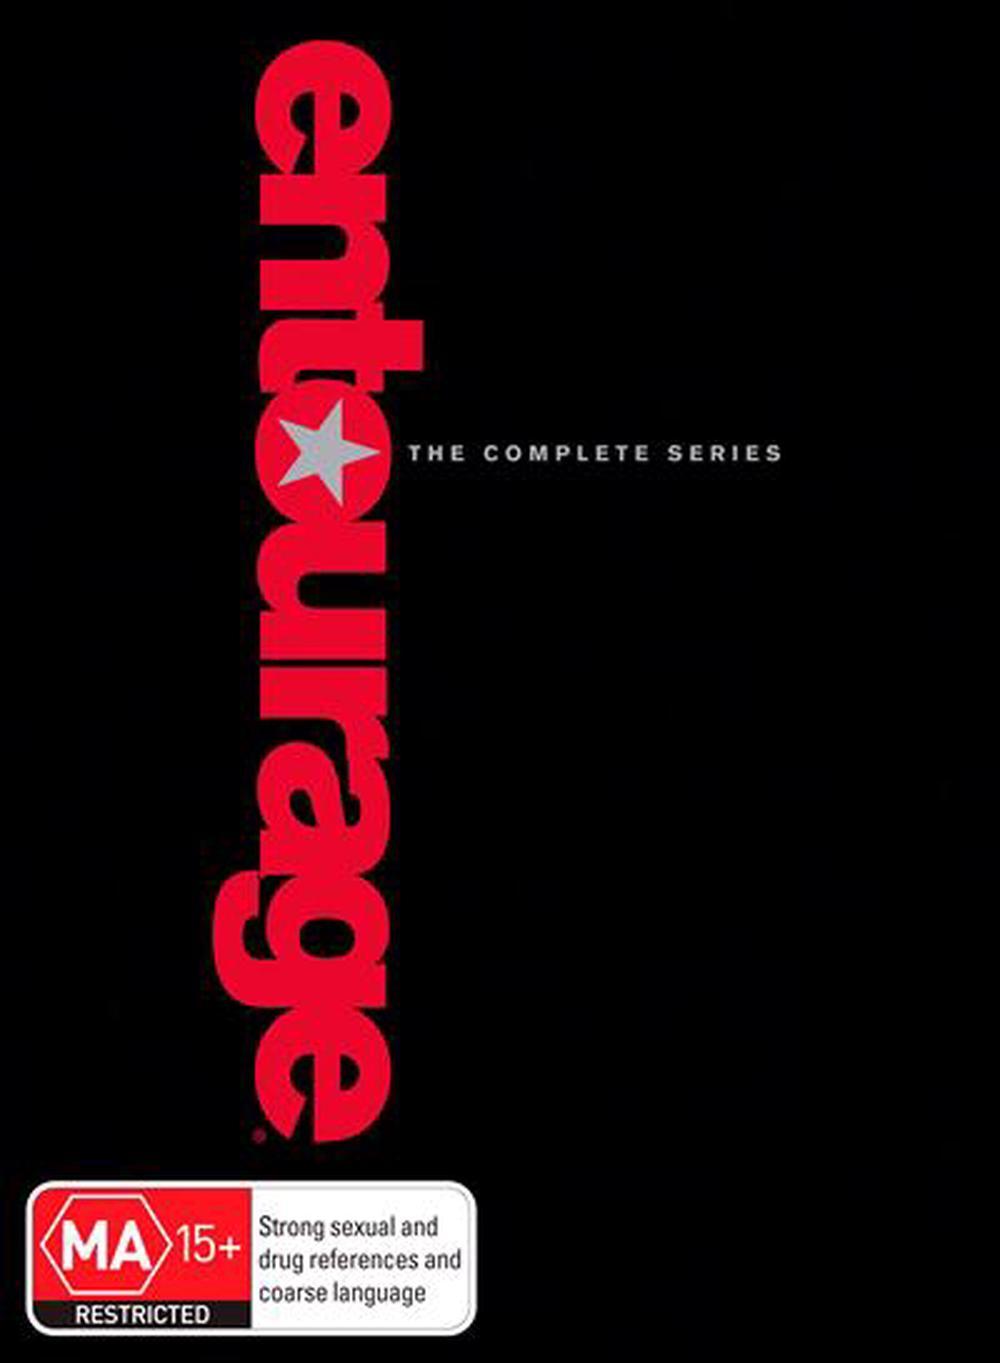 Glee : Season 3